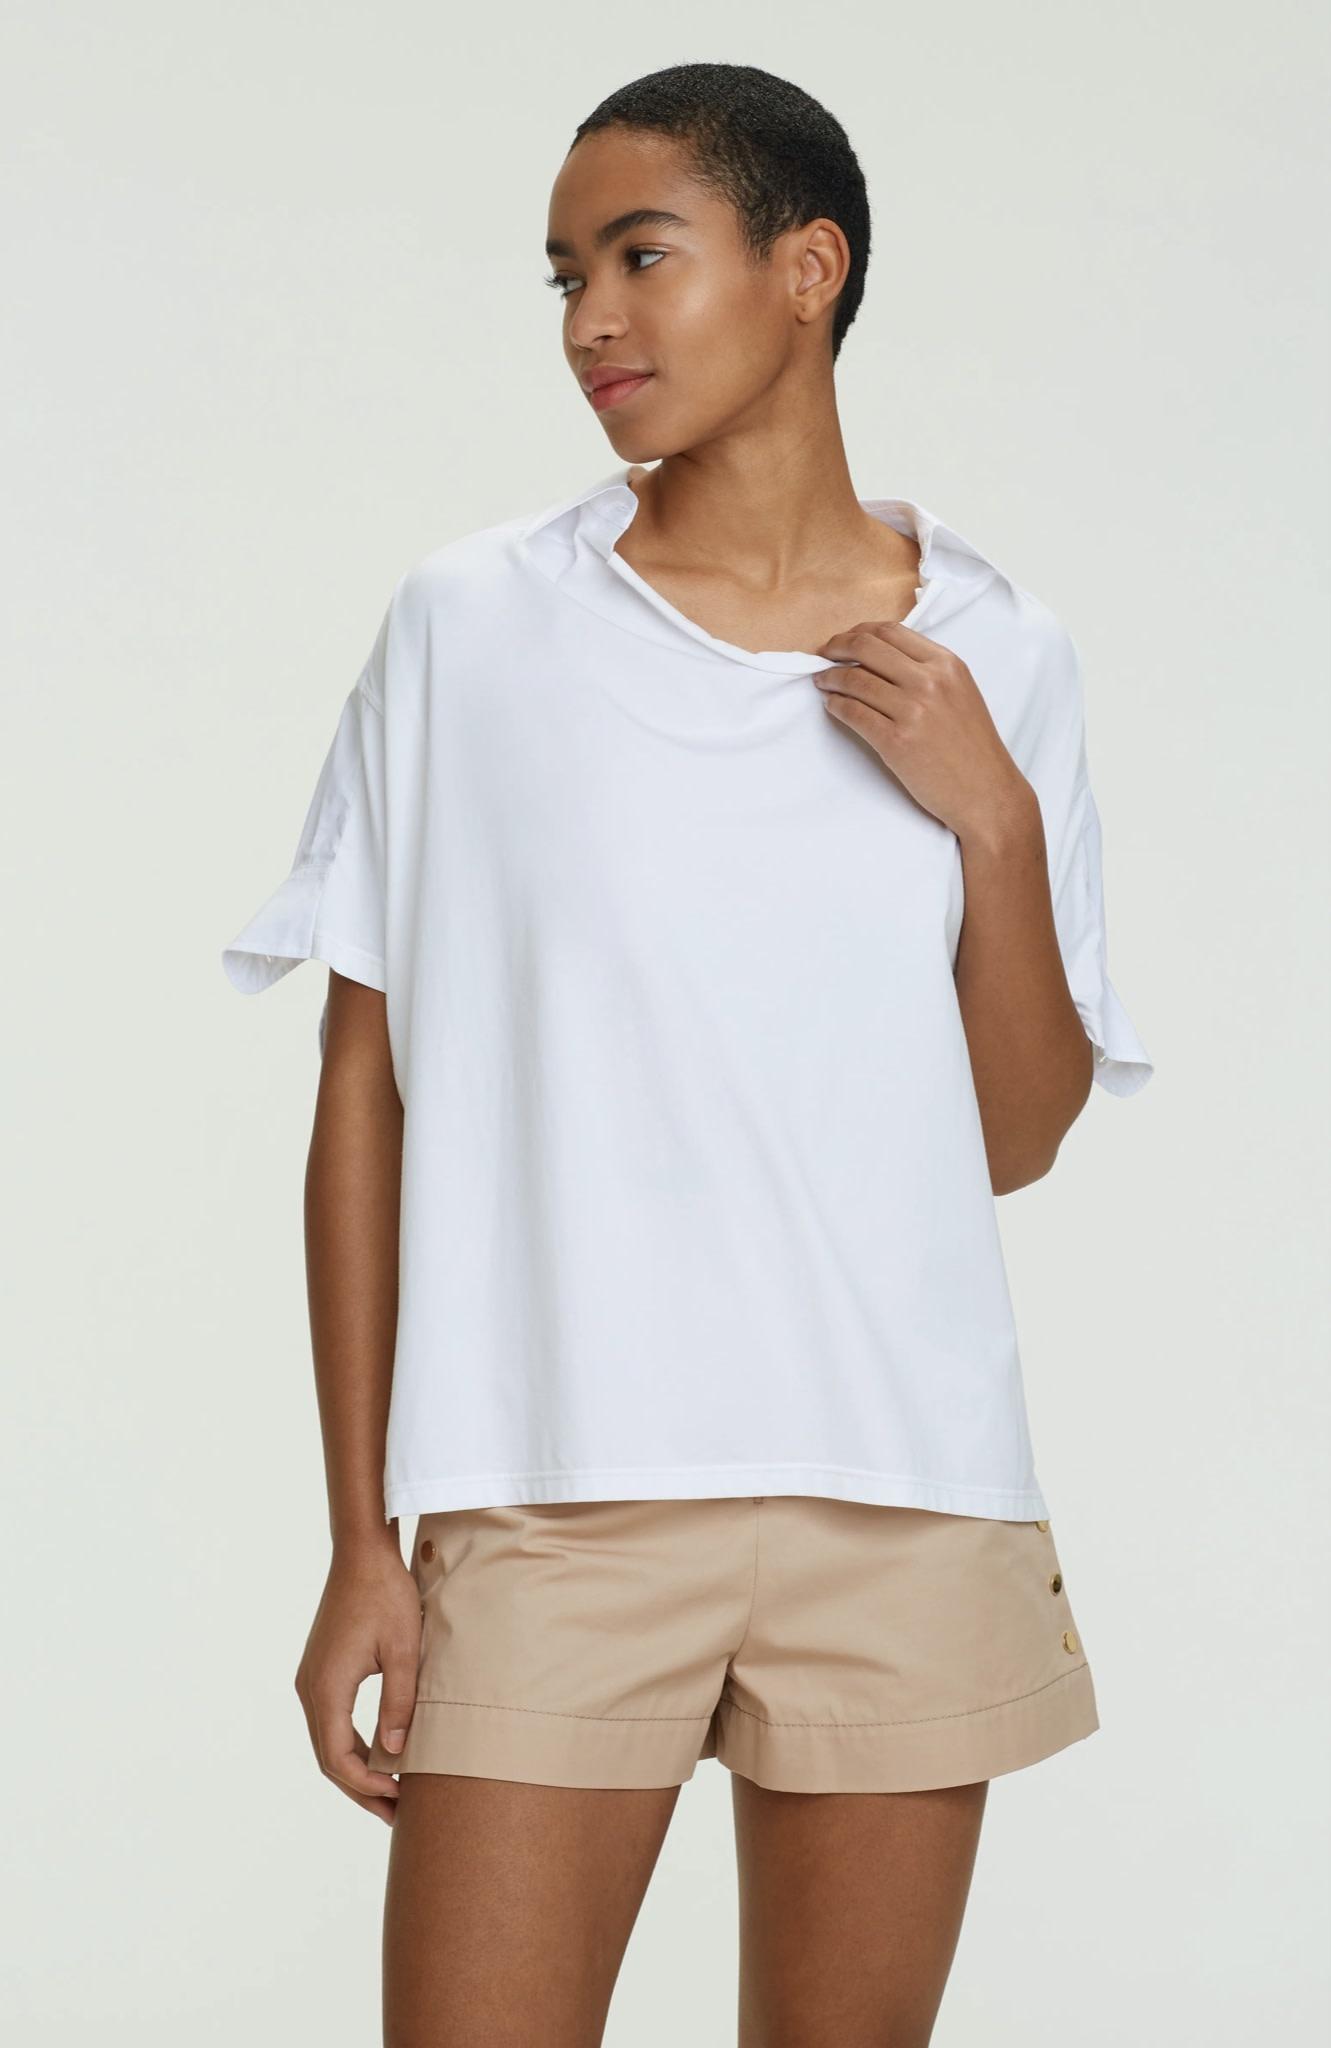 Cool contrast shirt blouse SS dorothee schumacher-1